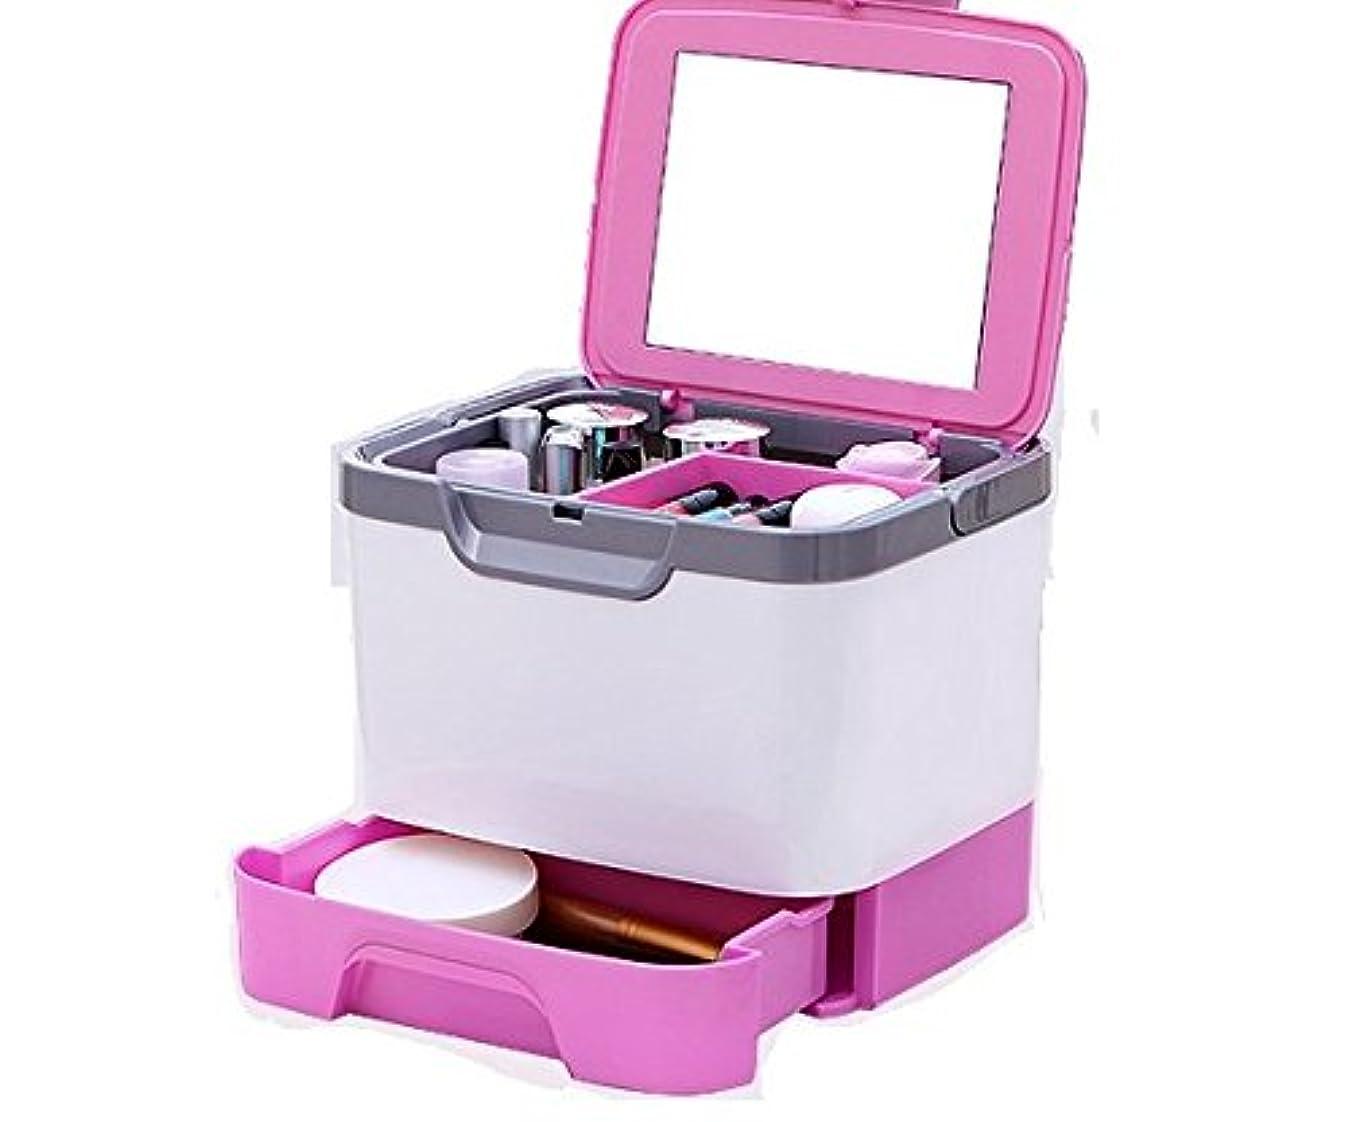 忠実に外出混乱メイクボックス 大容量 かわいい 鏡付き プロも納得 コスメの収納に (ピンク、ブルー、グリーン)